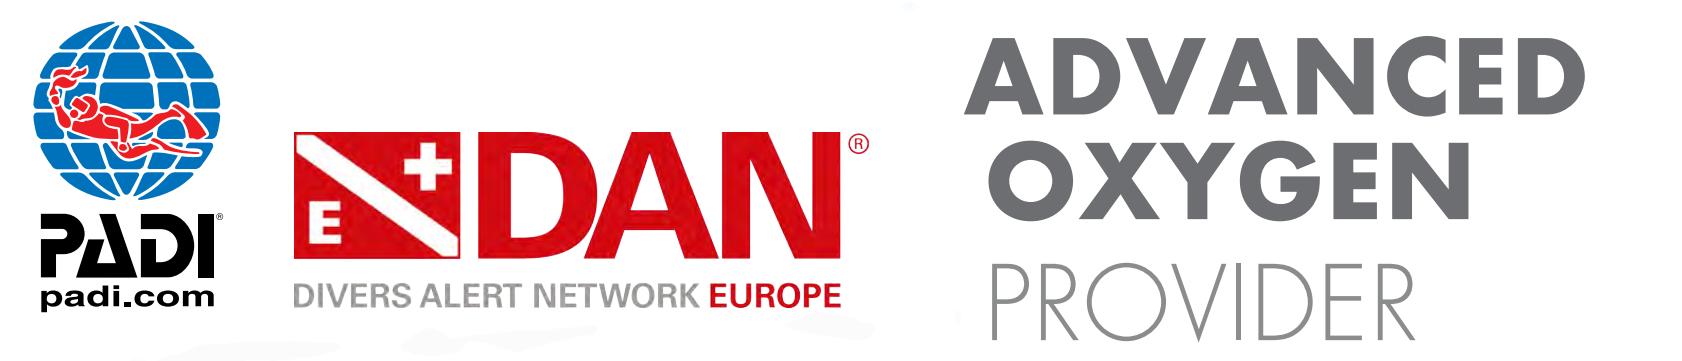 """PADI & DAN lanciano la nuova Specialità Distintiva """"PADI/DAN Advanced Oxygen Provider"""" una grande opportunità per tutti i Diving Center PADI, pensata per gli Istruttori, Assistant Instructor e Divemaster PADI."""